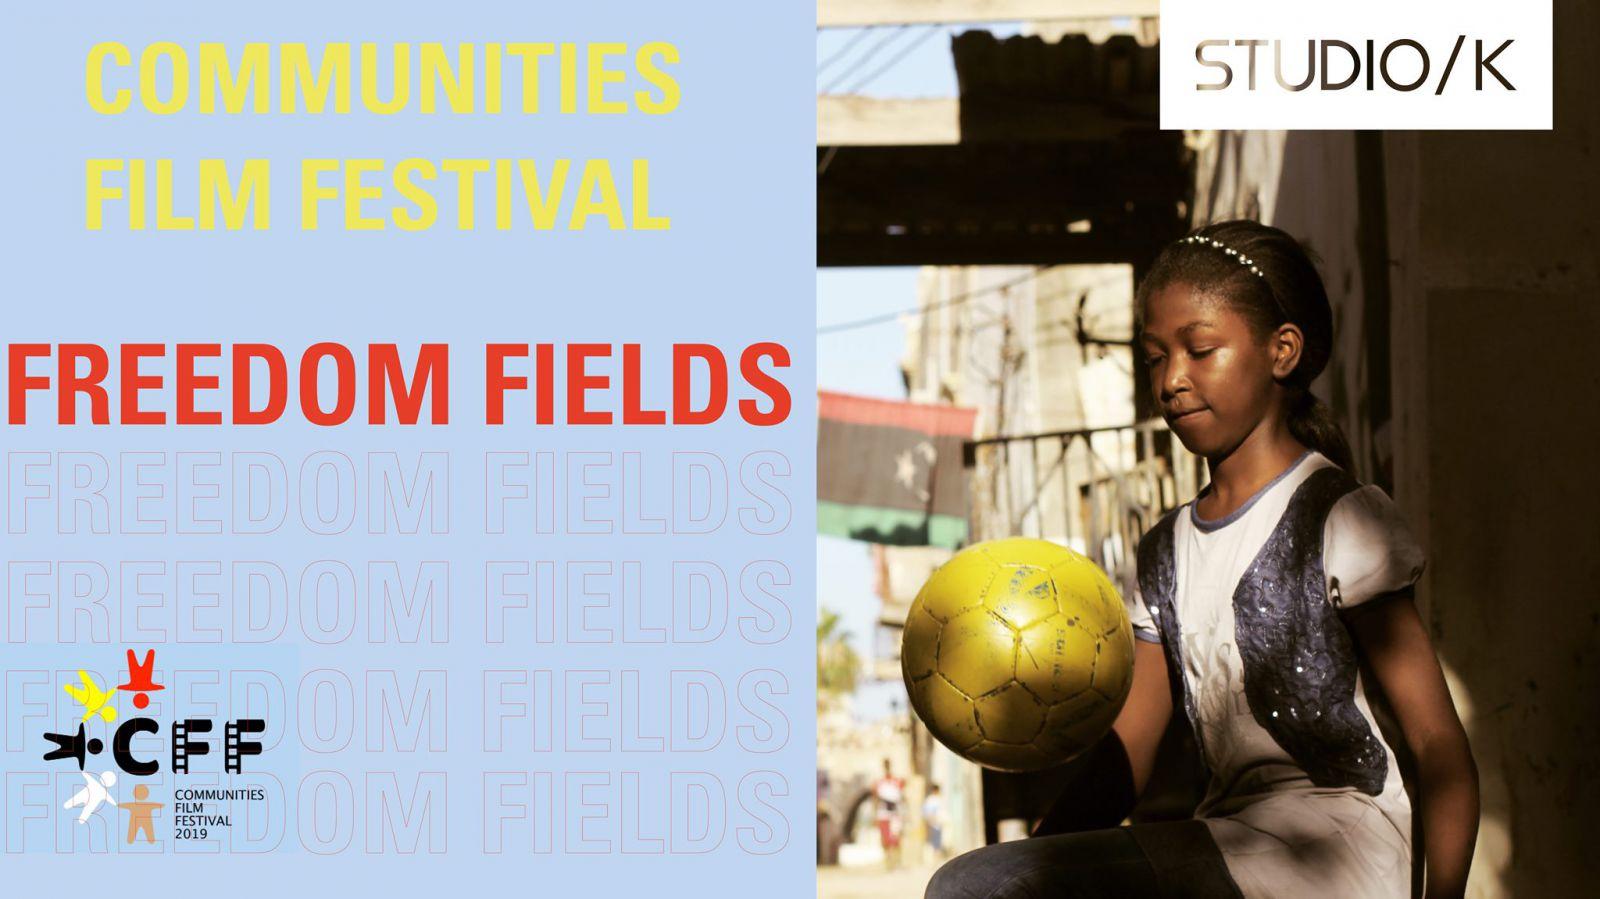 Communities Film Festival: Freedom Fields